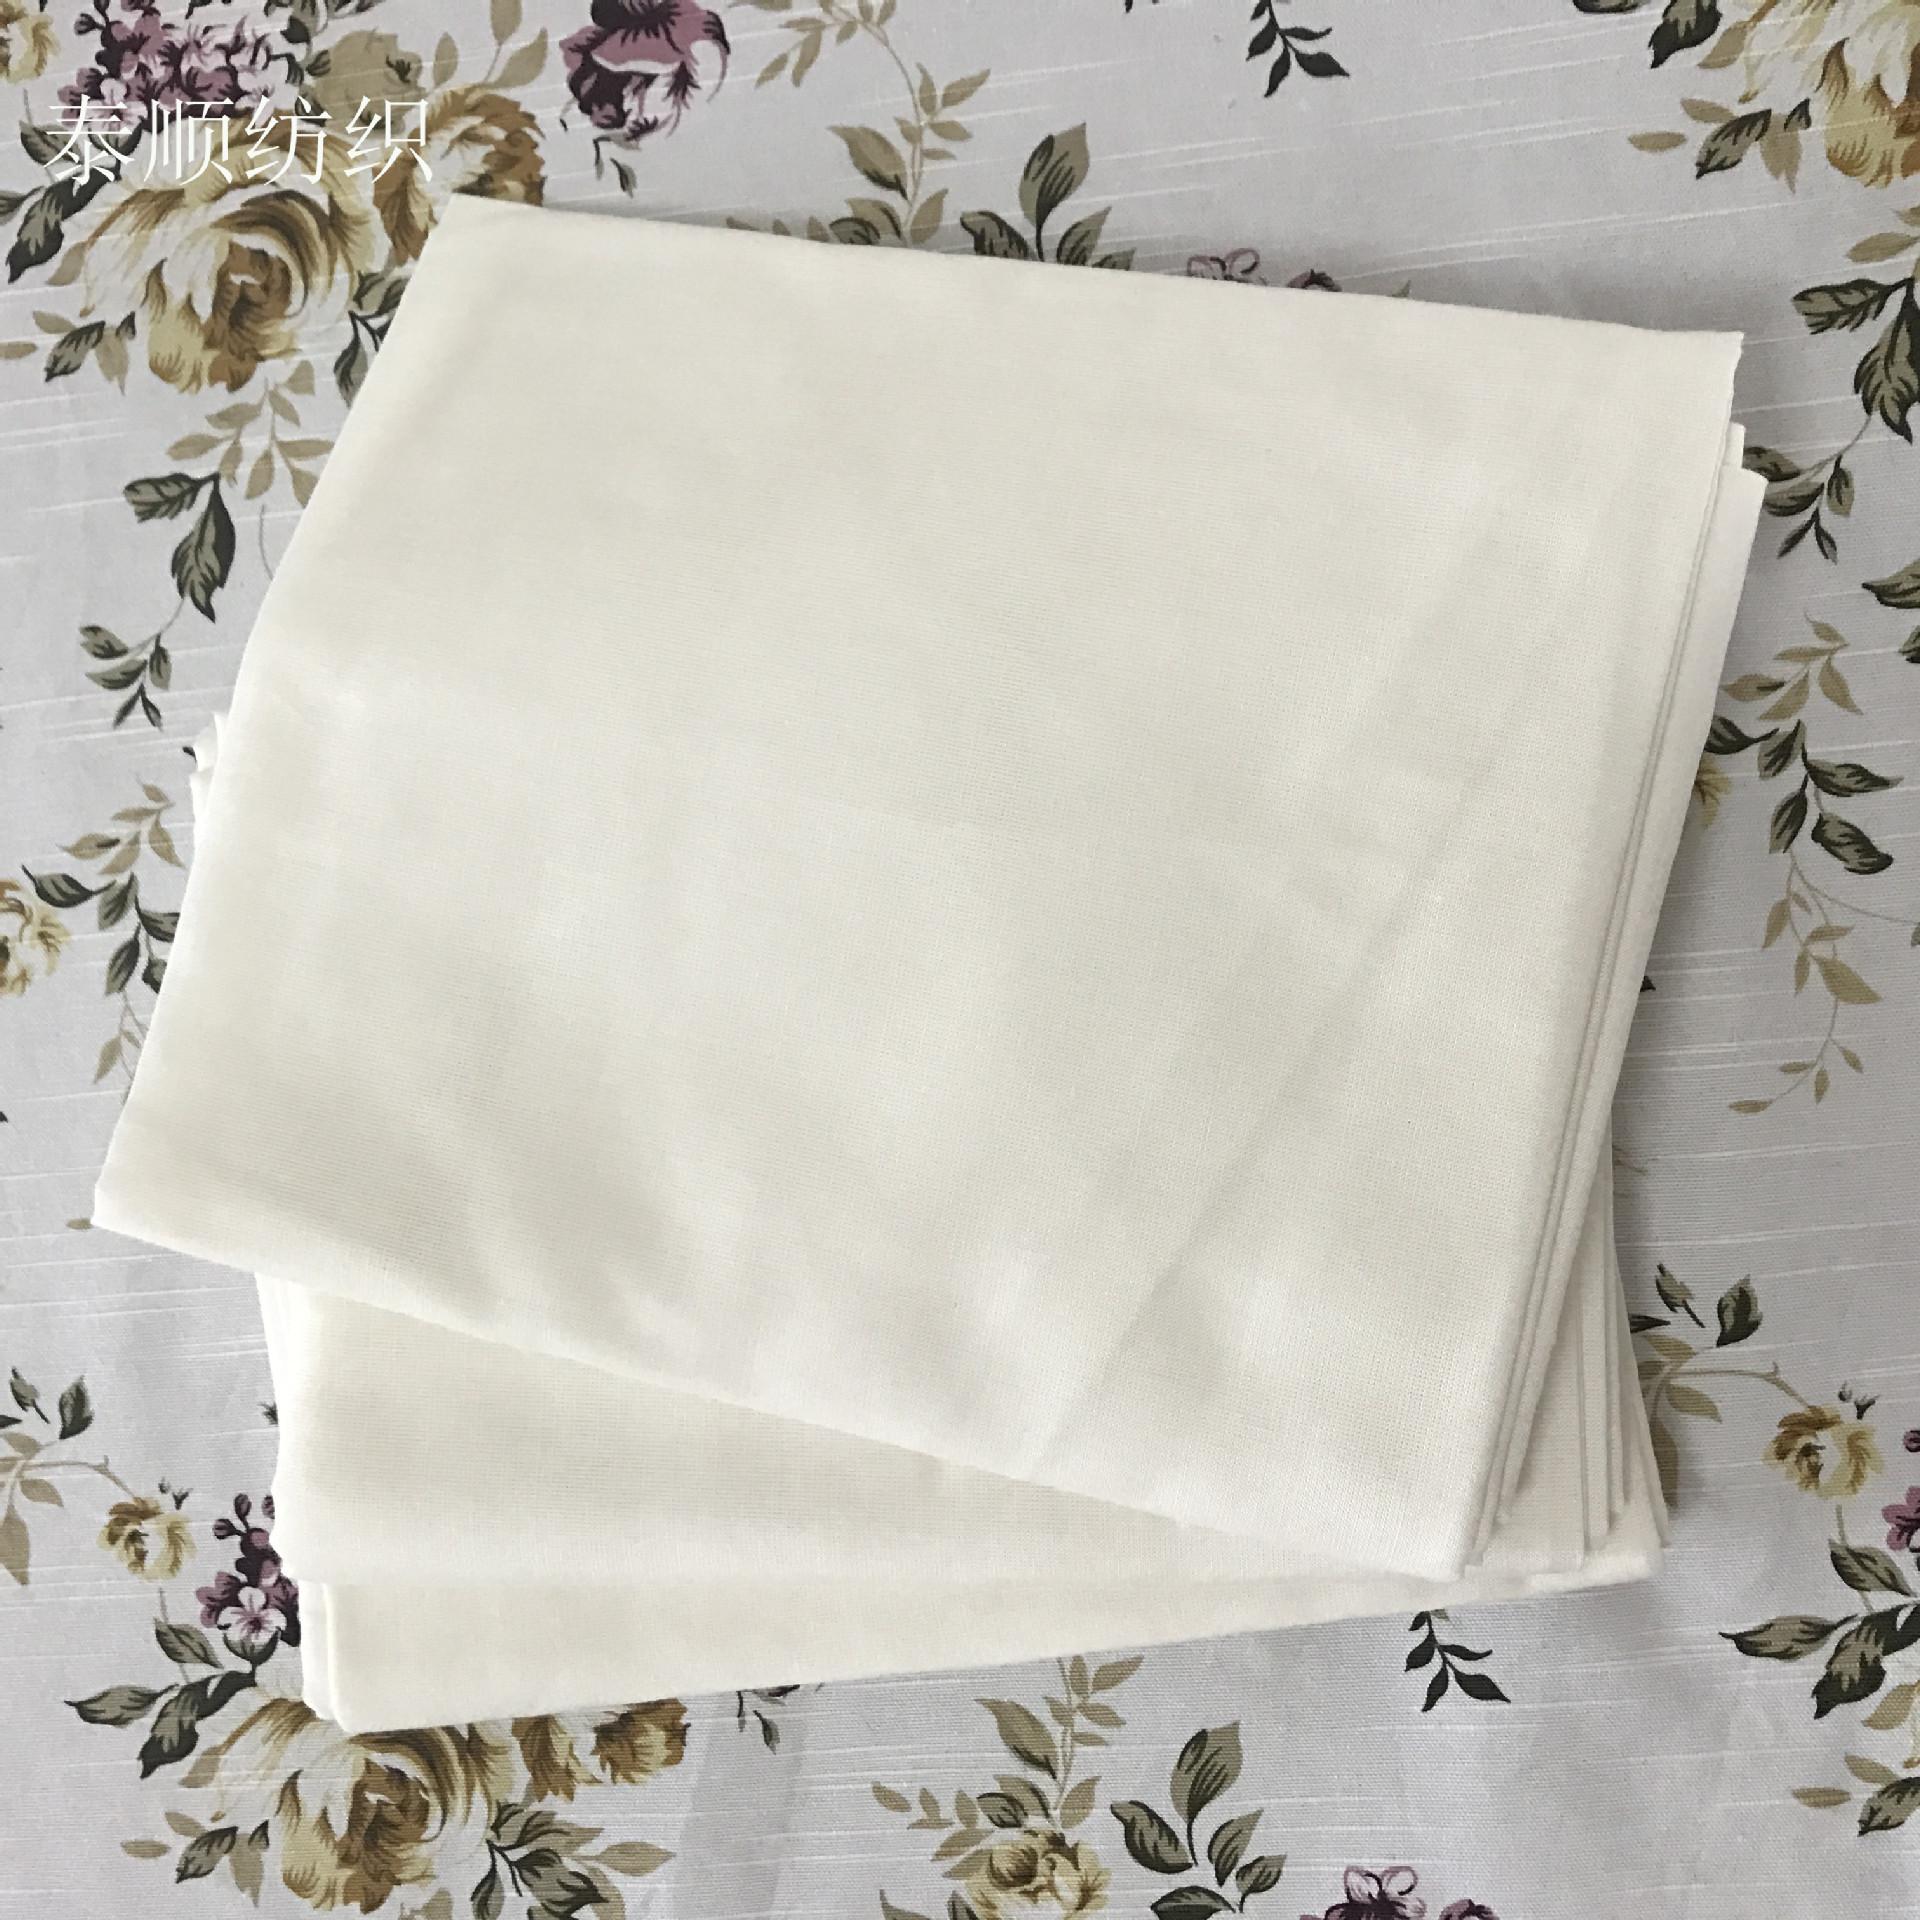 TAISHUN Vải Cotton mộc Vải cotton 45 sợi vải mềm đồng bằng 100 * 80 vải trắng vải polyester cotton b